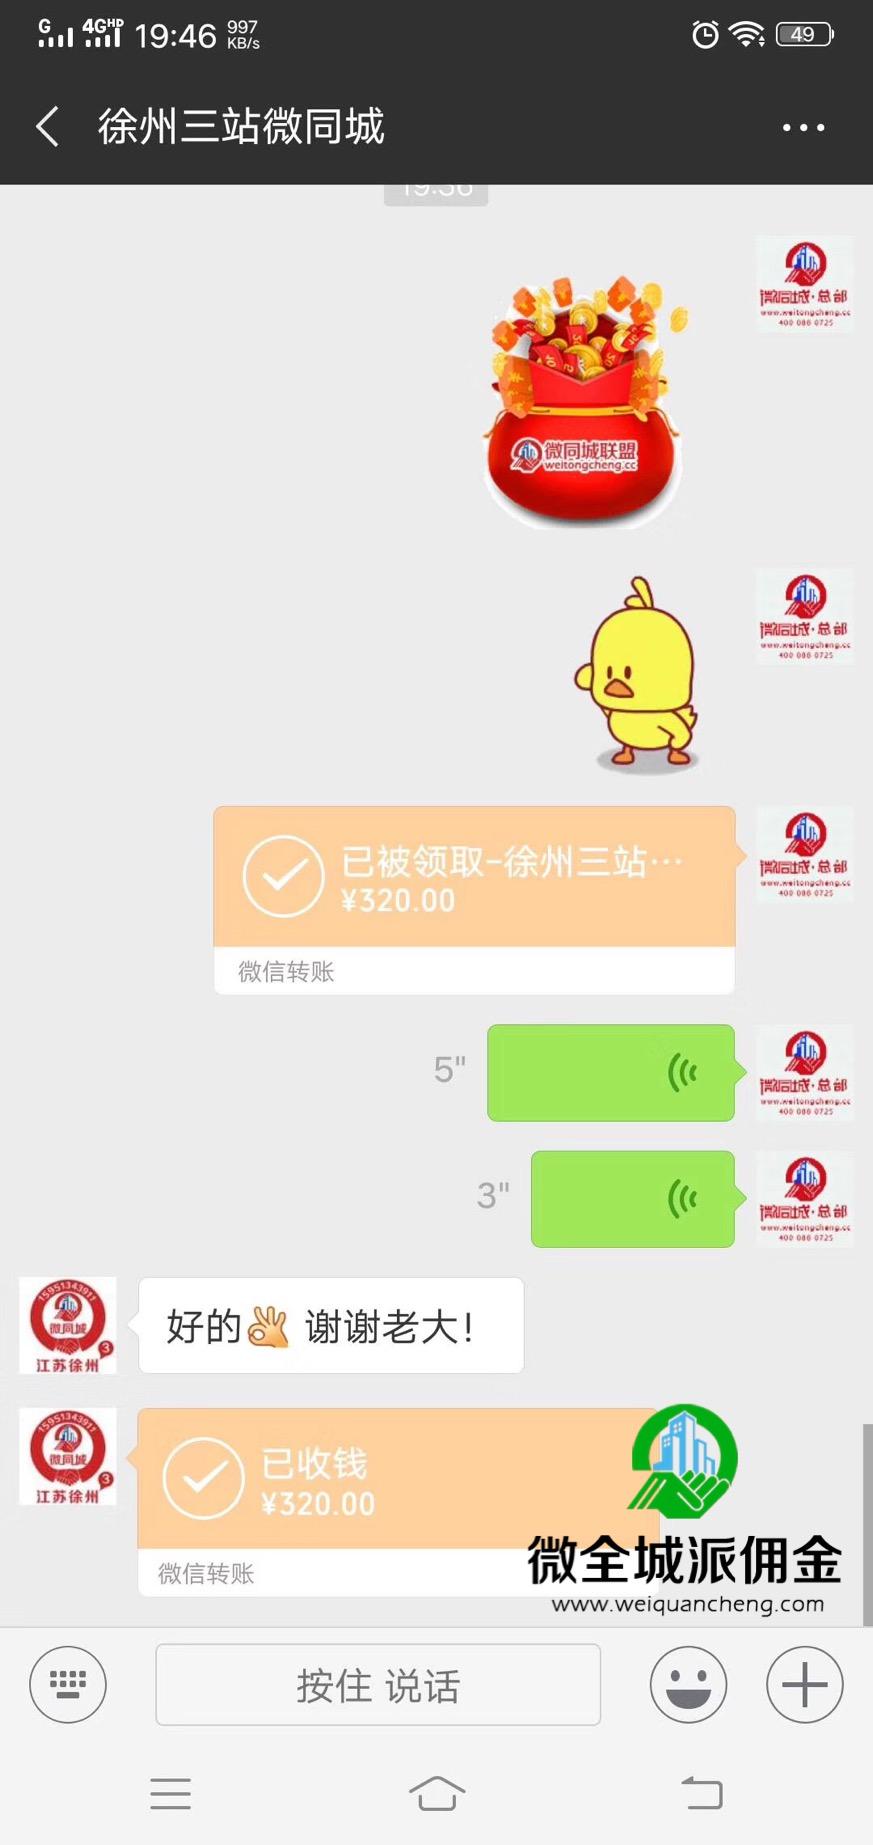 【赚320元】徐州微全城微帮三站广告佣金